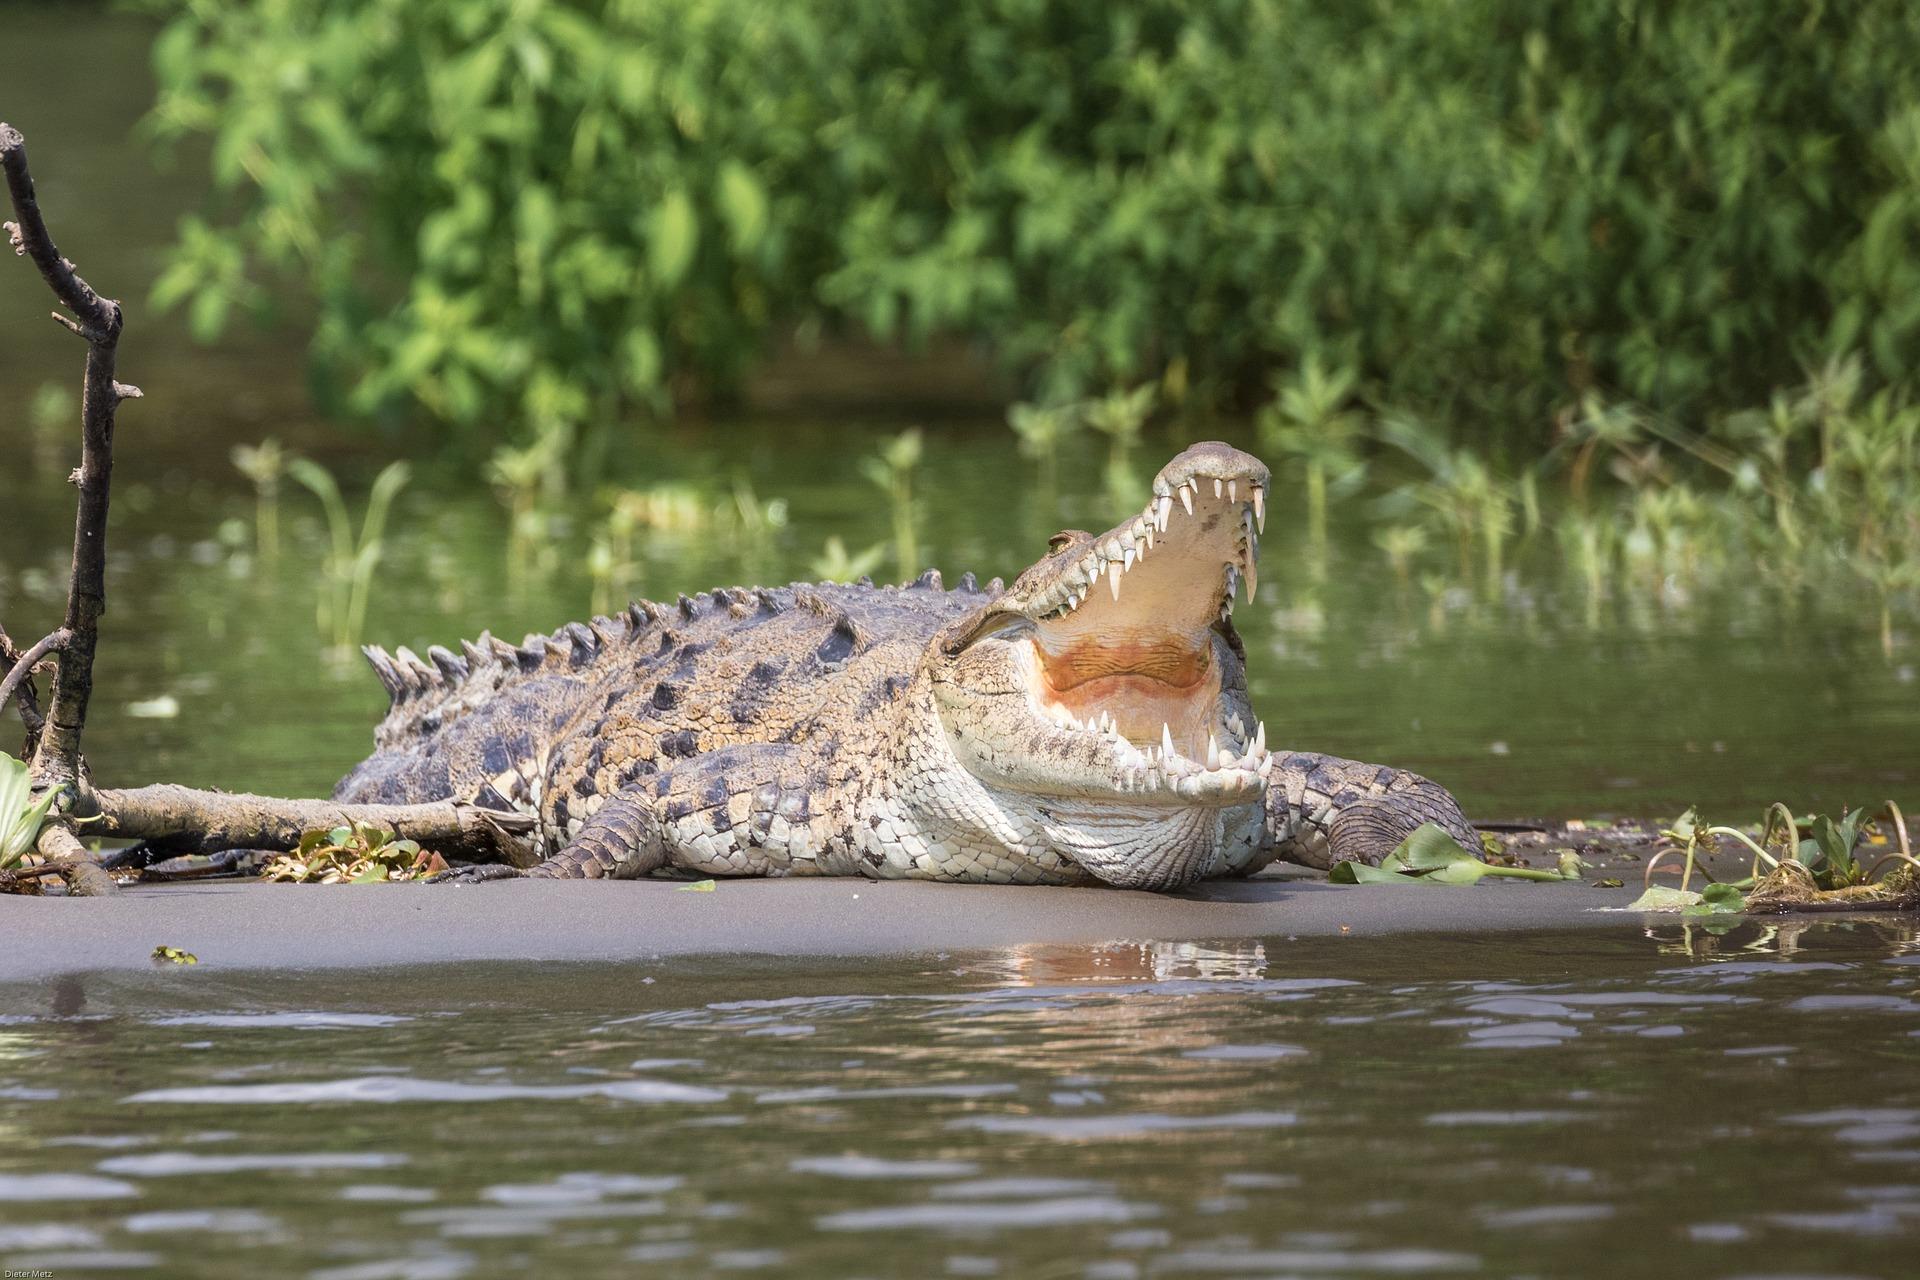 crocodile-2293232_1920